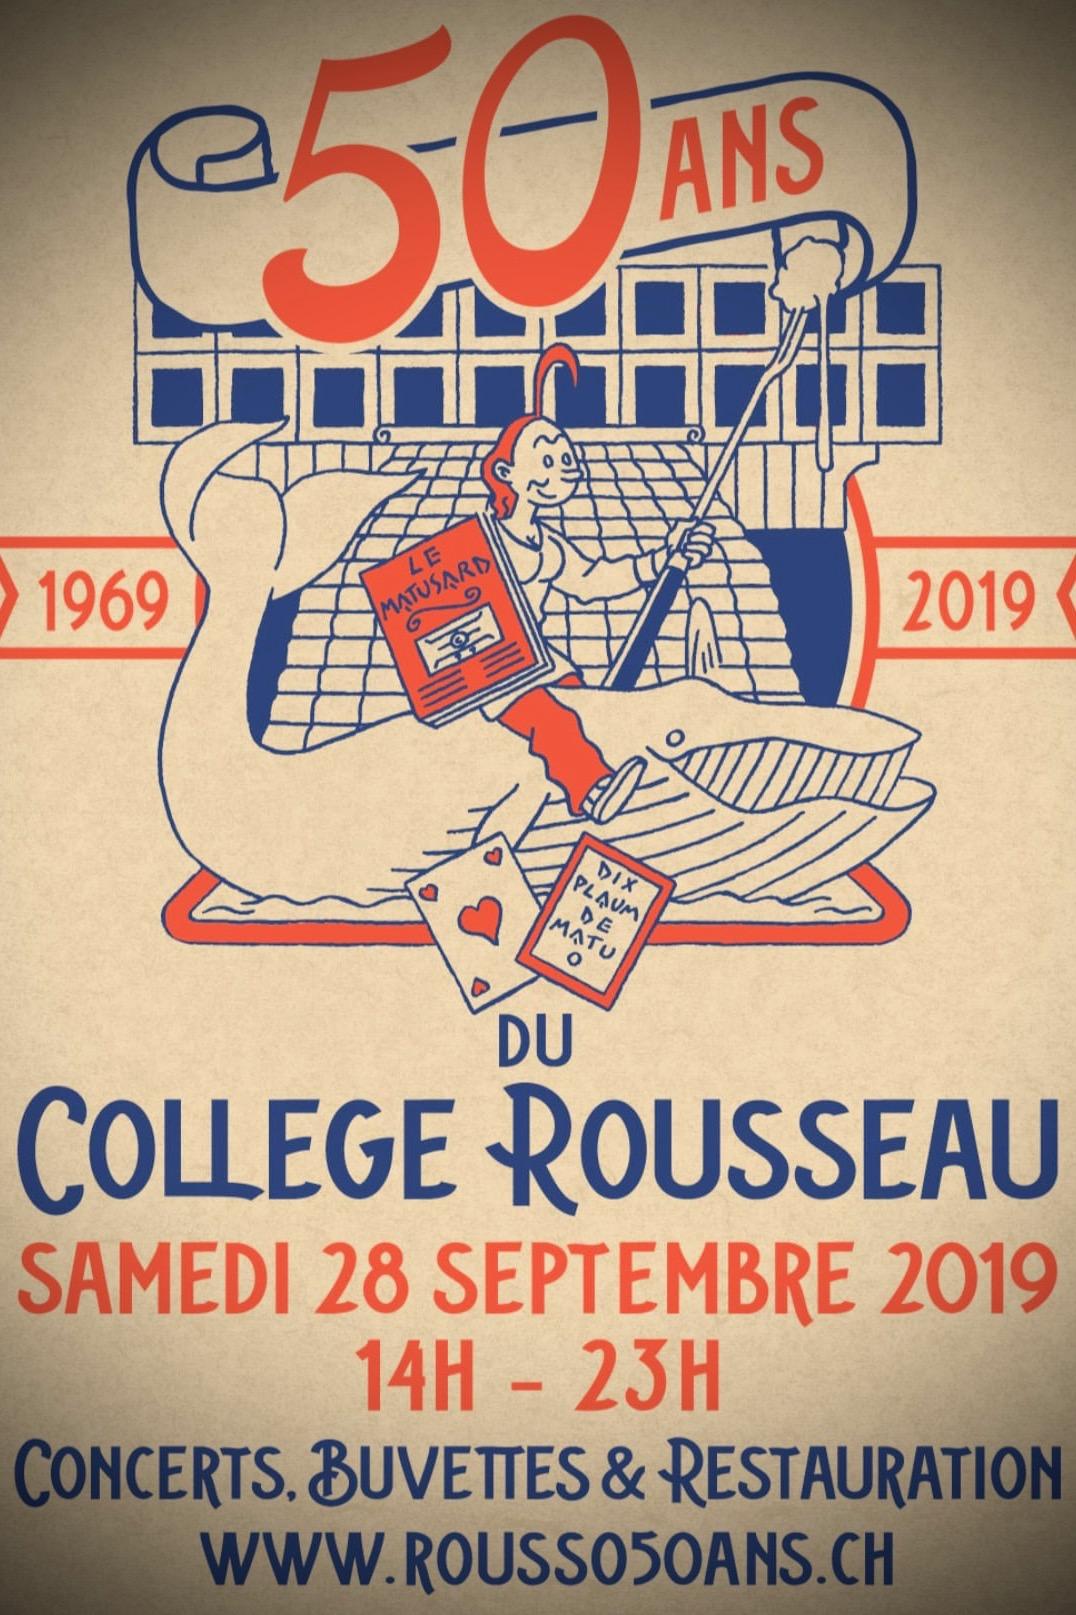 50 ans Collège Rousseau